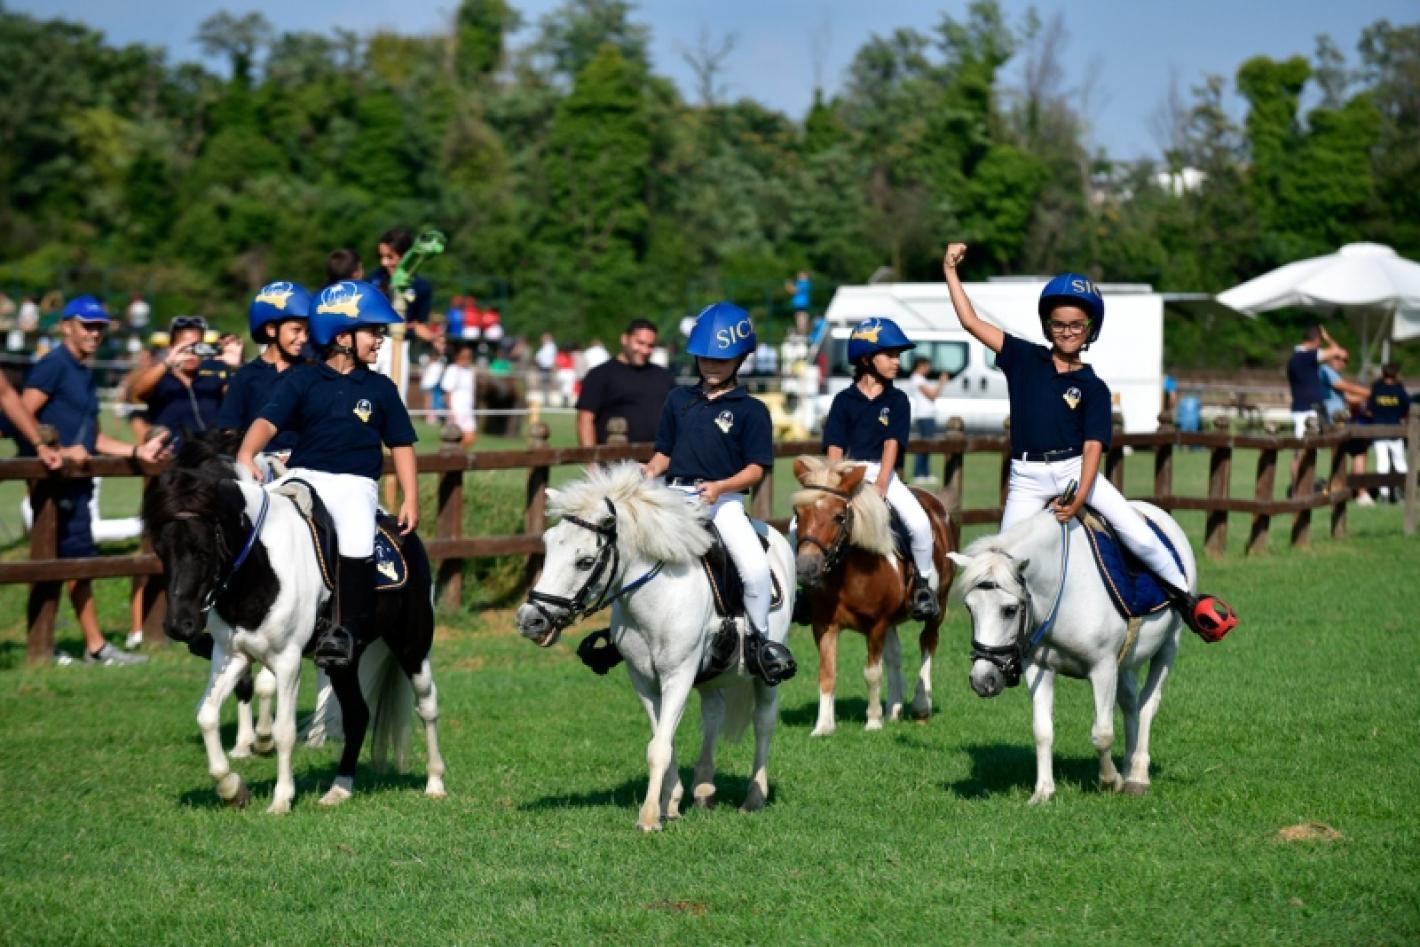 Fise Calendario Regionale.Federazione Italiana Sport Equestri Comitato Regionale Alto